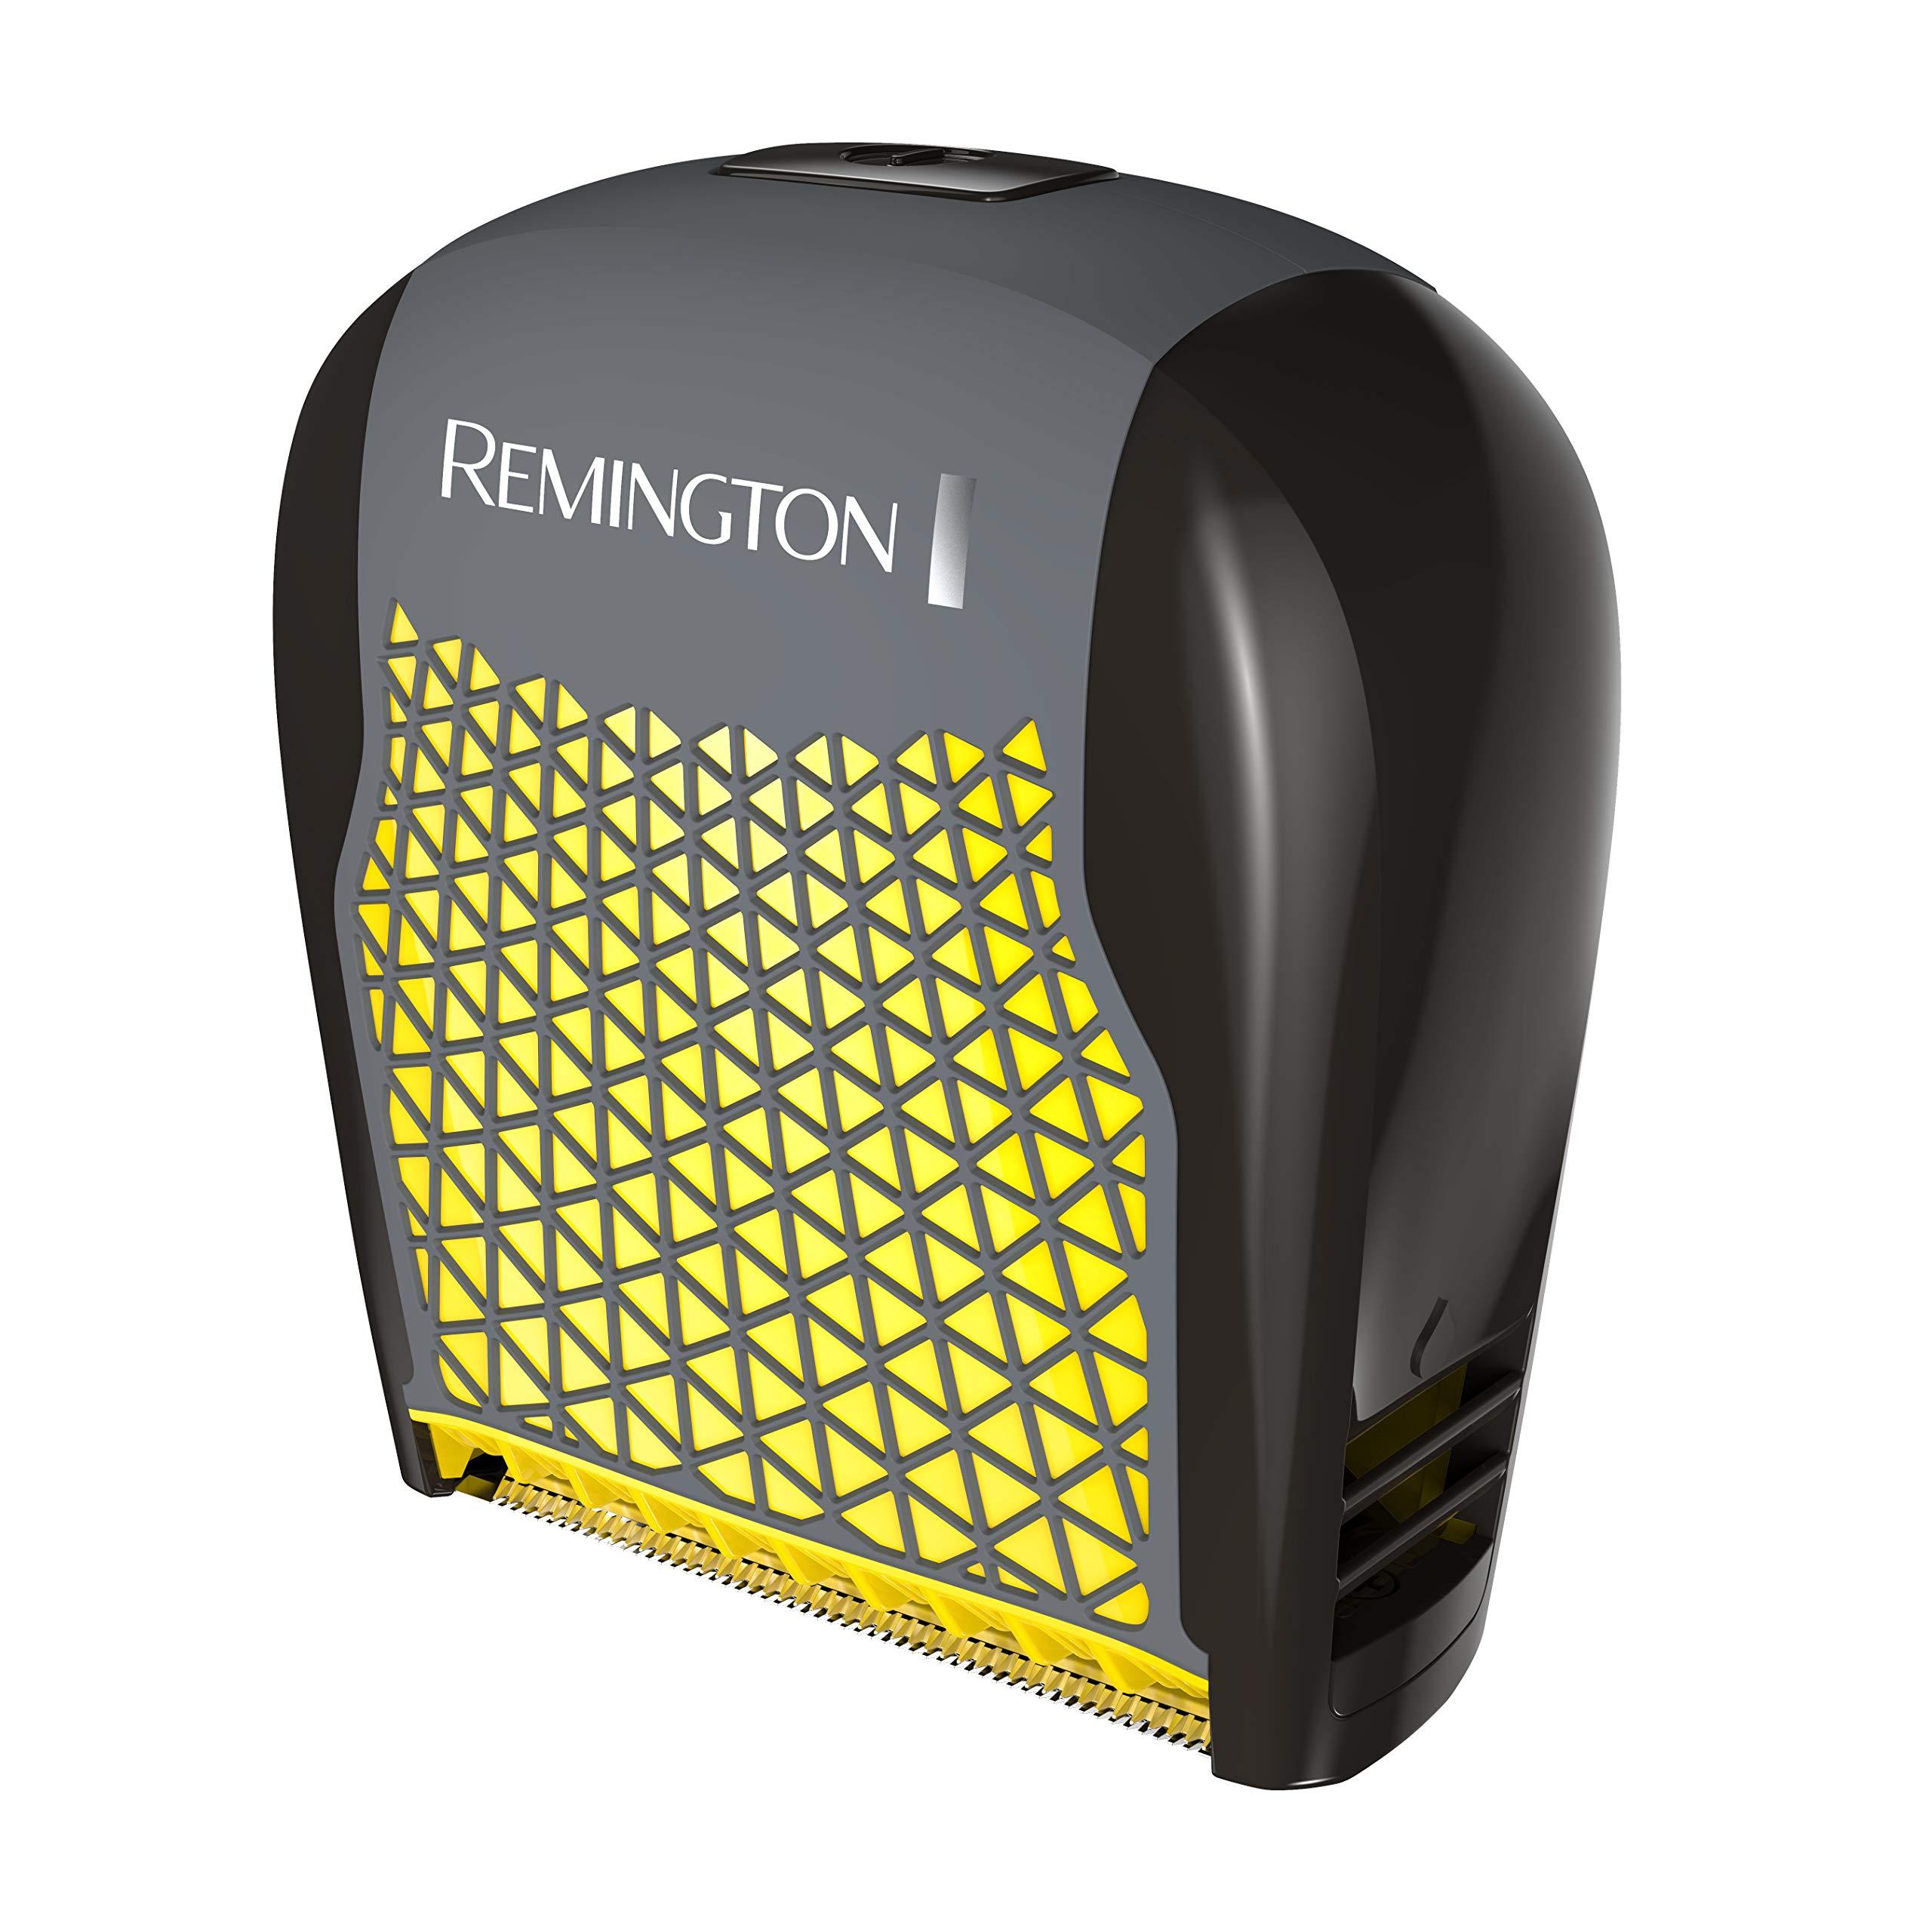 Remington BHT6455FF Shortcut Extendable Rechargeable